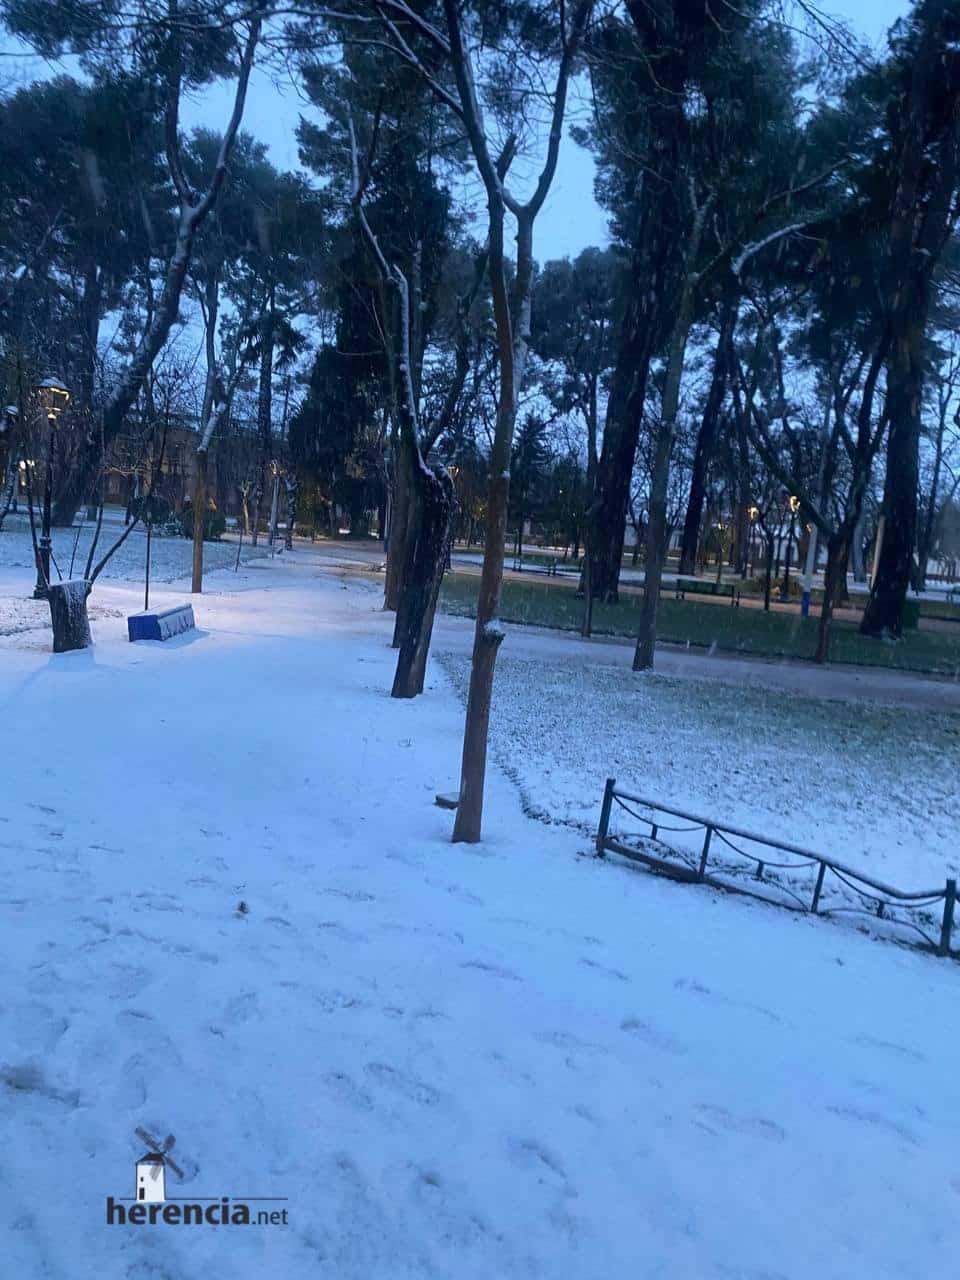 Más fotografías de las nieves de 2021 en Herencia 139